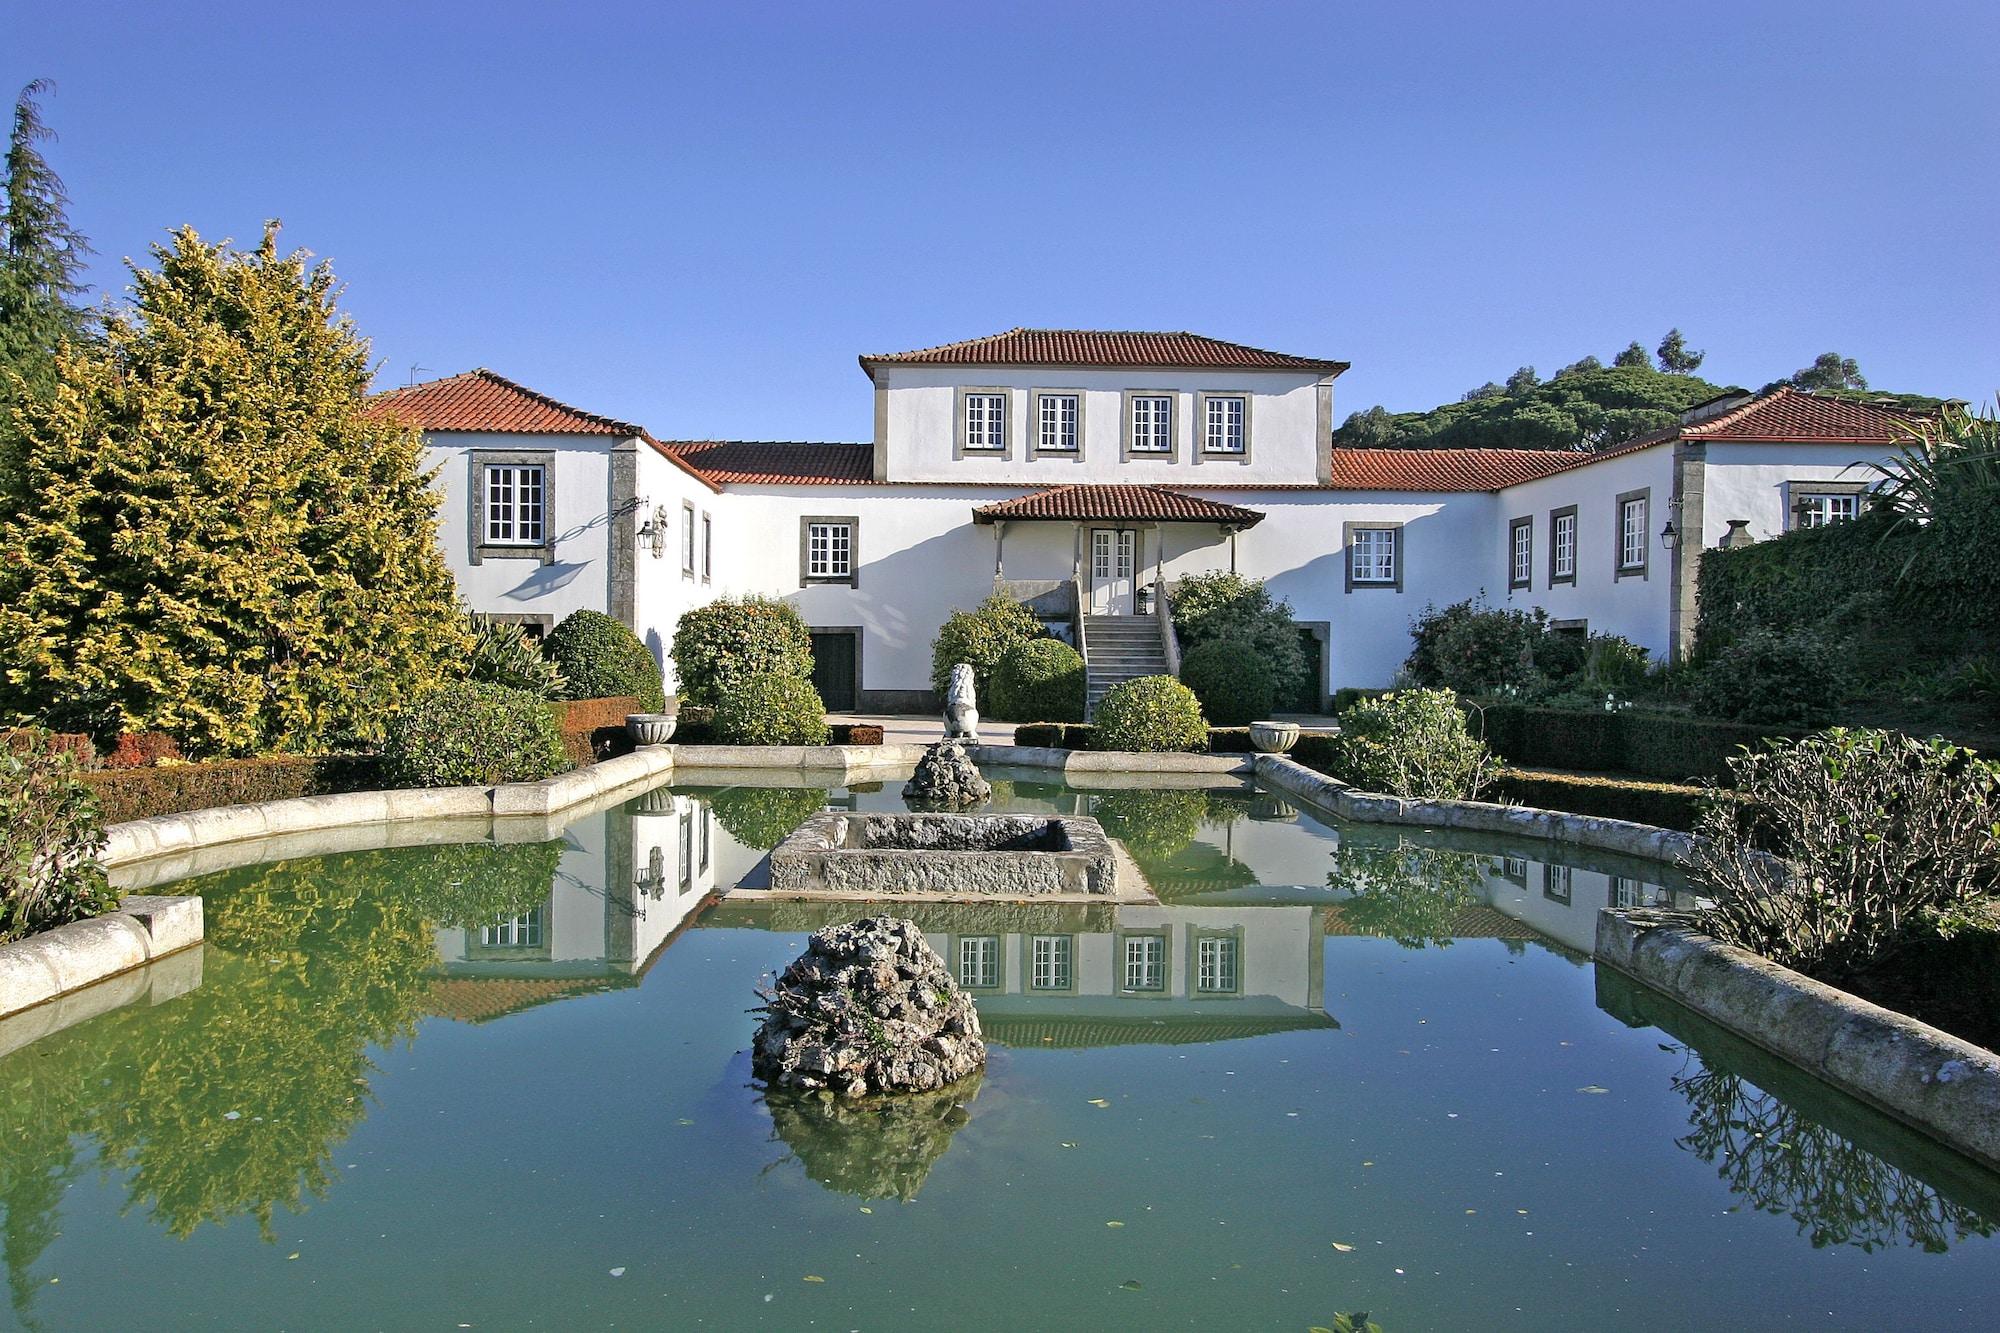 Casa do Ameal, Viana do Castelo